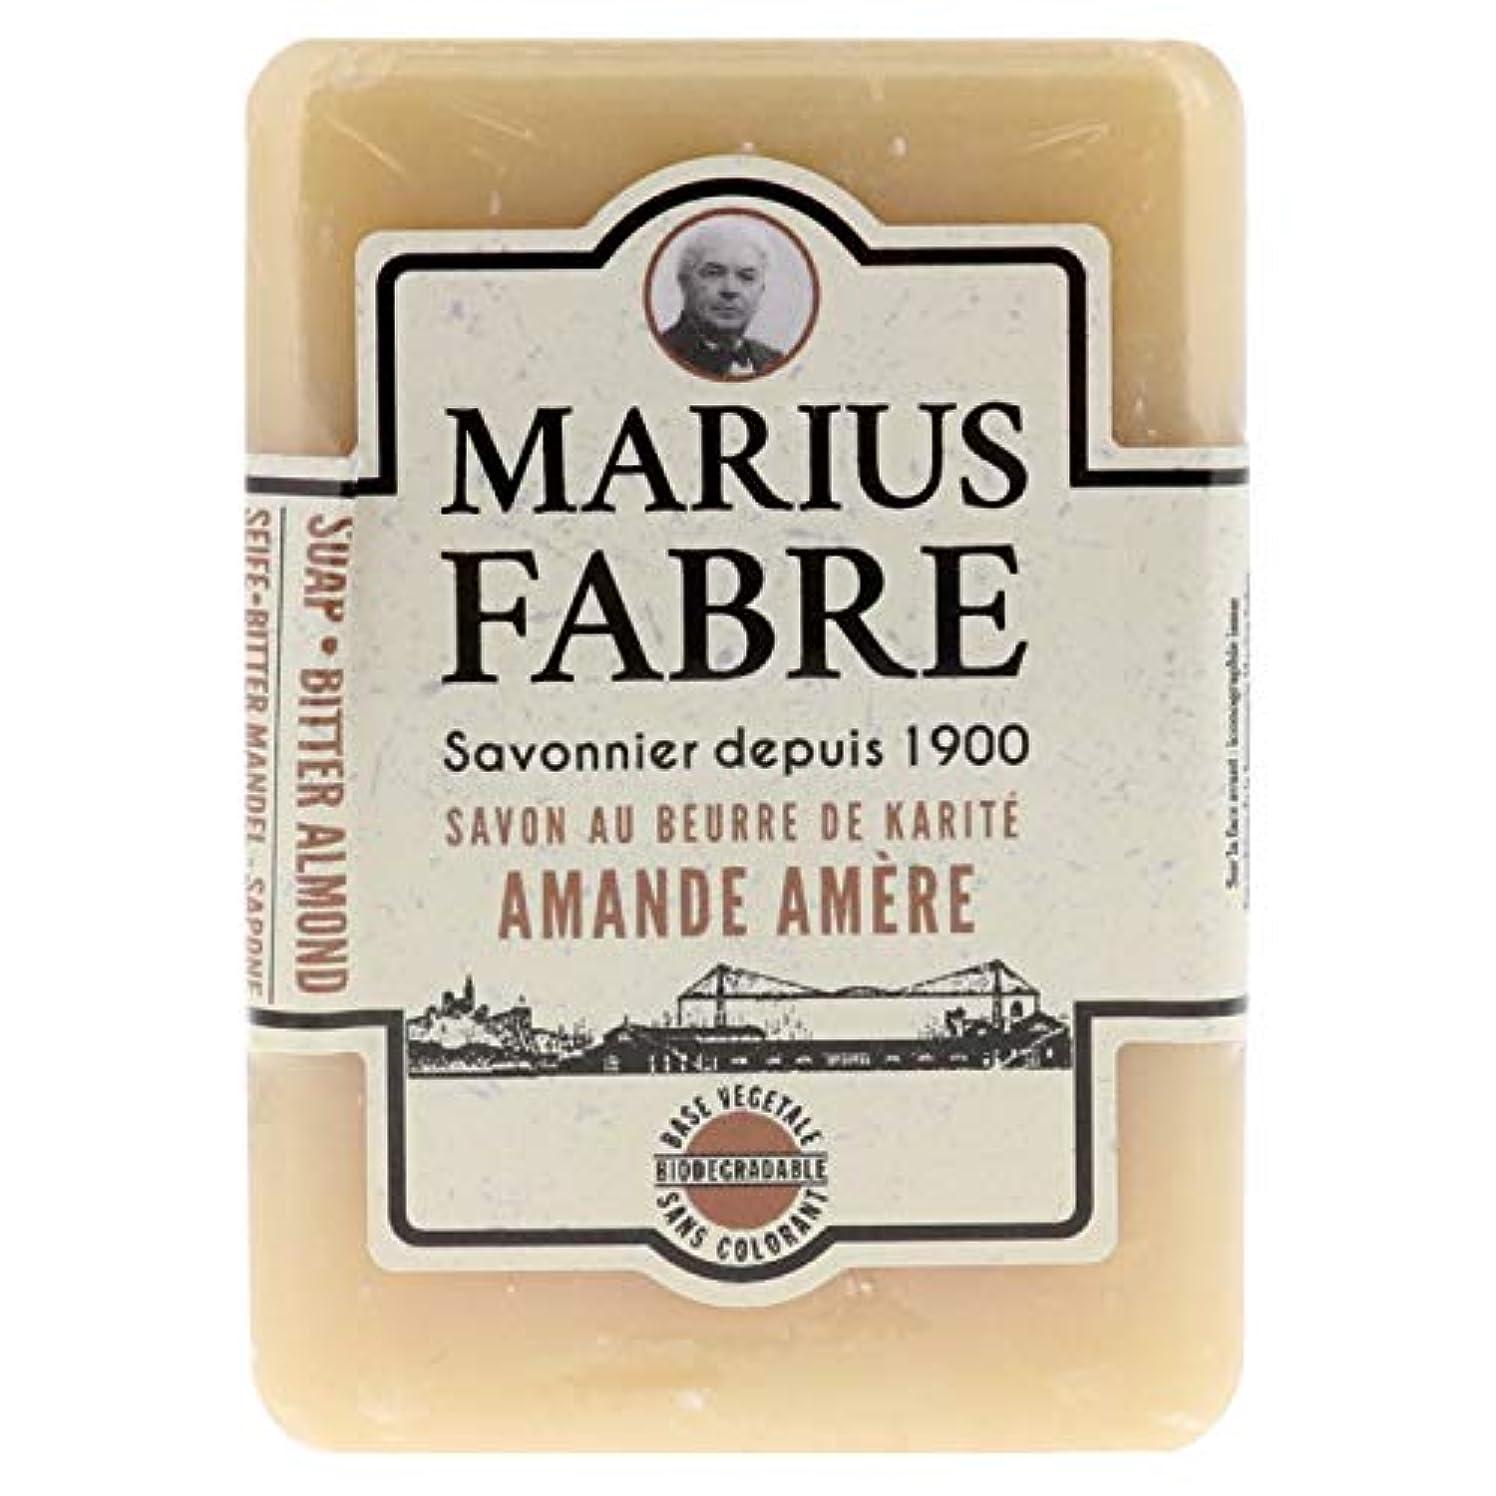 ドキュメンタリー顔料人気のサボンドマルセイユ 1900 ビターアーモンド 150g